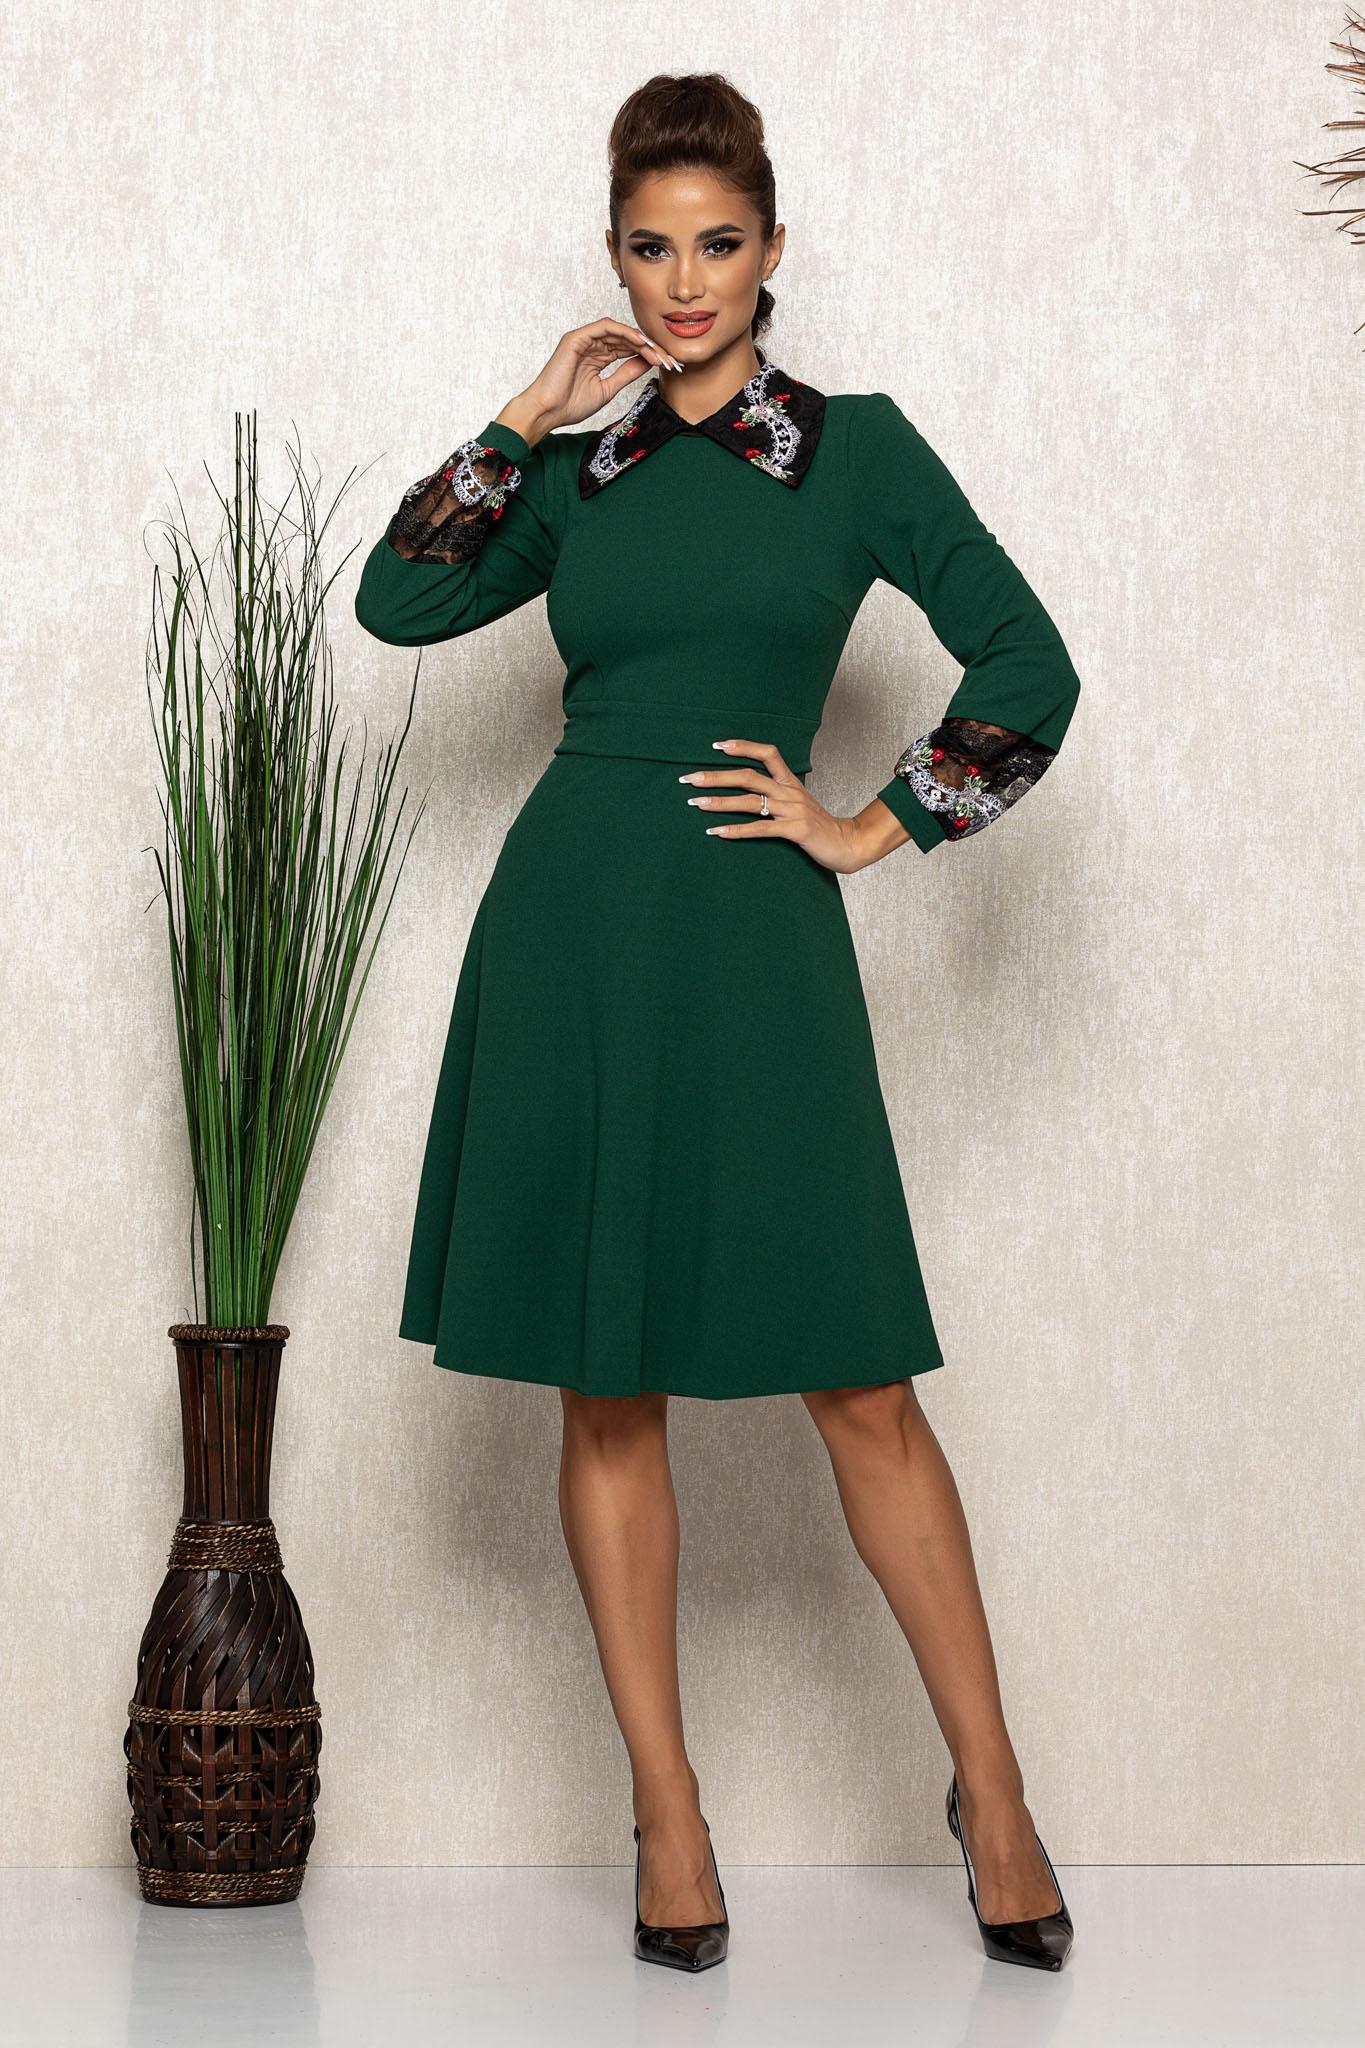 Rochie Moze Sorina Verde Marimi Mari S (36)   M (38)   L (40)   XL (42)   XXL (44)   3XL (46)